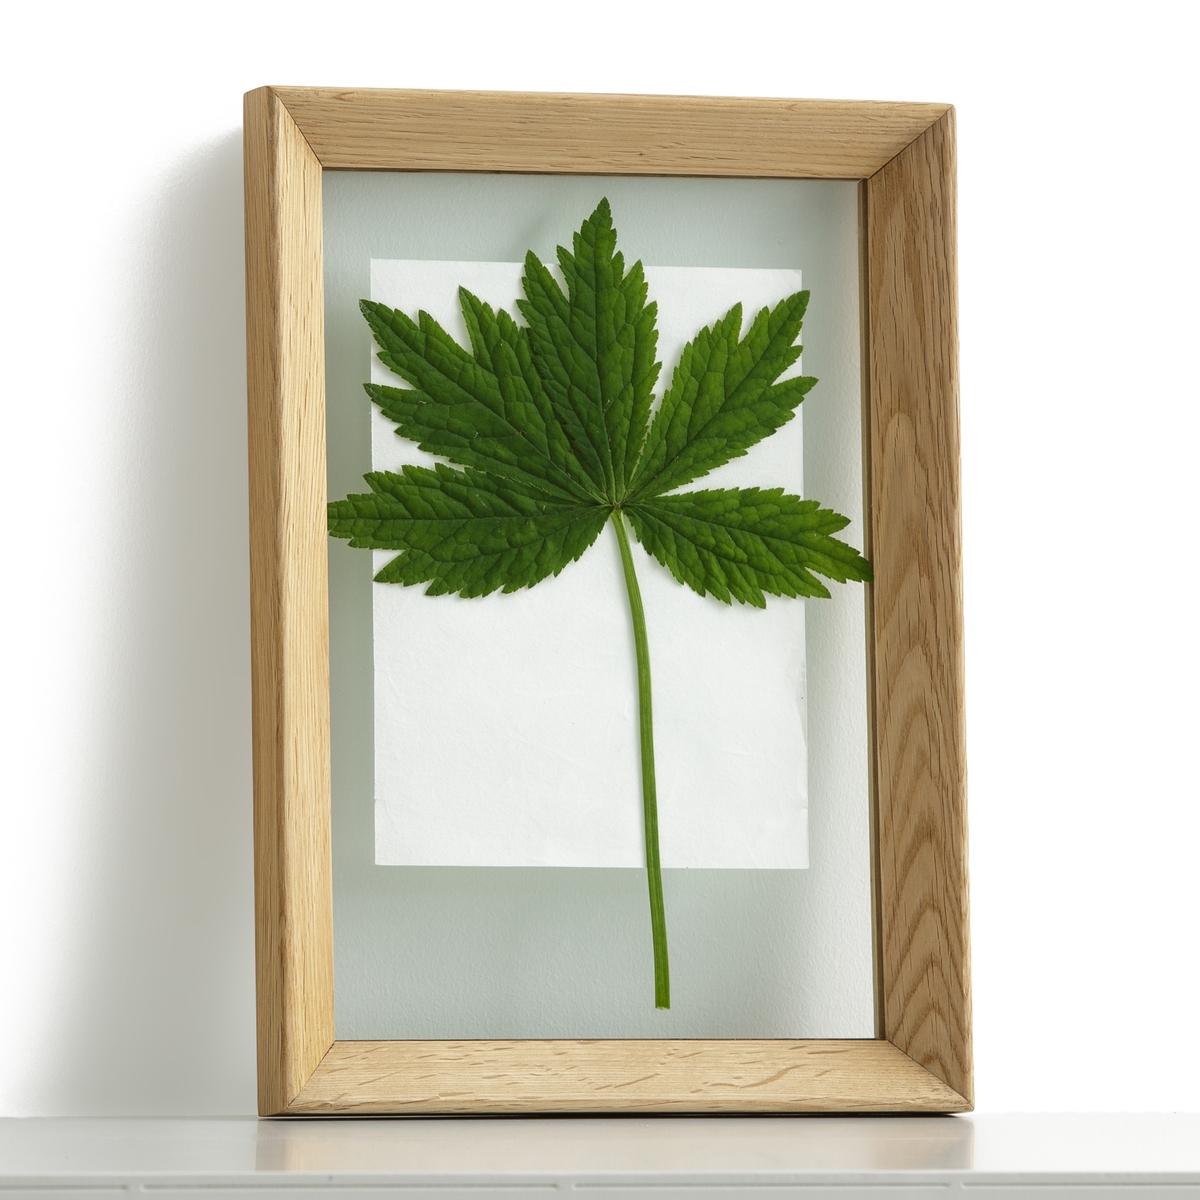 Рамка из двойного стекла L25xH35 см, MoriceyРамка Moricey. Элегантная рамка со скошенными краями идеальна для размещения фотографий, плакатов или репродукций. Фон рамки из прозрачного стекла позволяет размещение фотографий без использования паспарту, что делает её более легкой.Характеристики : - Двойная перегородка из стекла- Рамка из массива дуба - Пластины сзади для настенного крепления (болты и дюбели в комплект не входят)Размеры : - L25 x H35 x P5,6 см<br><br>Цвет: дуб